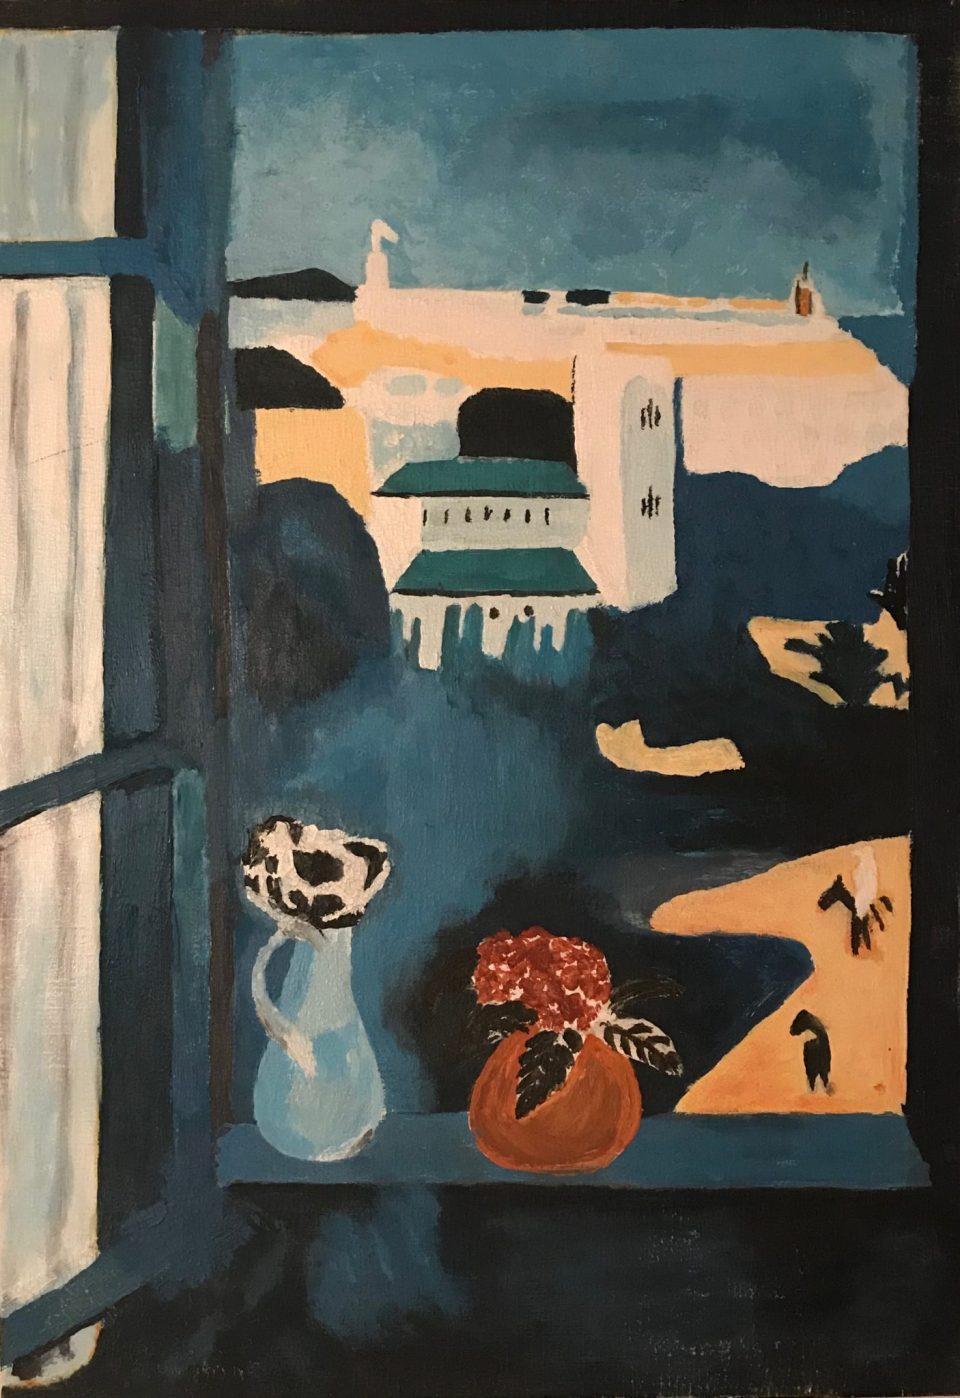 Reproduction d'après Henri Matisse, Paysage vu d'une fenêtre